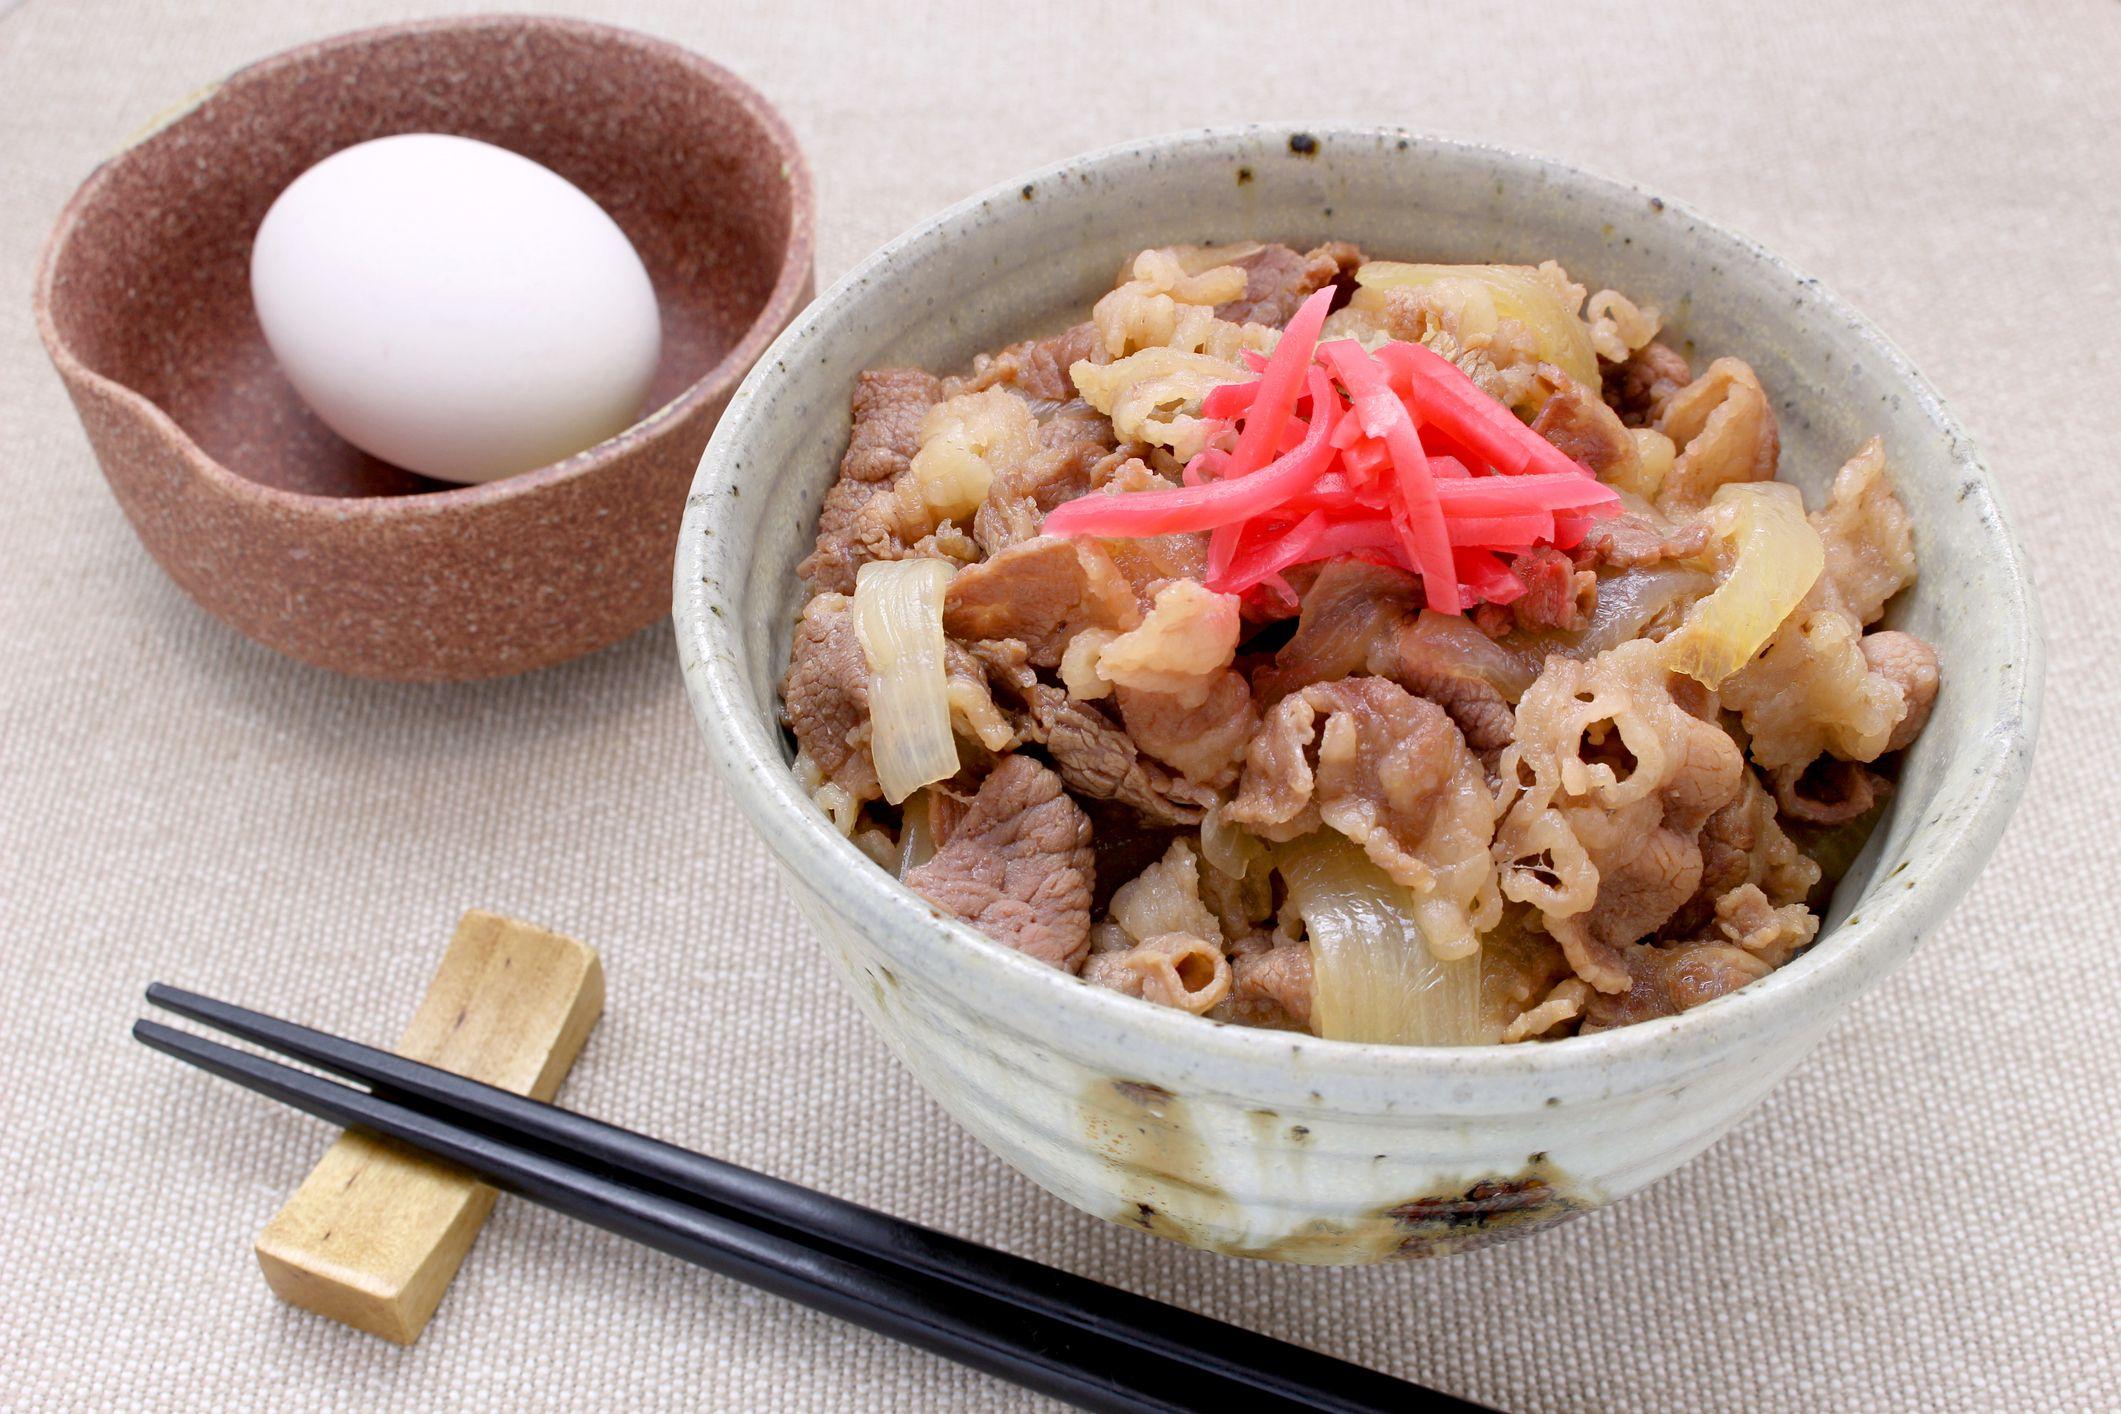 手軽に食べられる牛丼は「福祉」なのか ©iStock.com